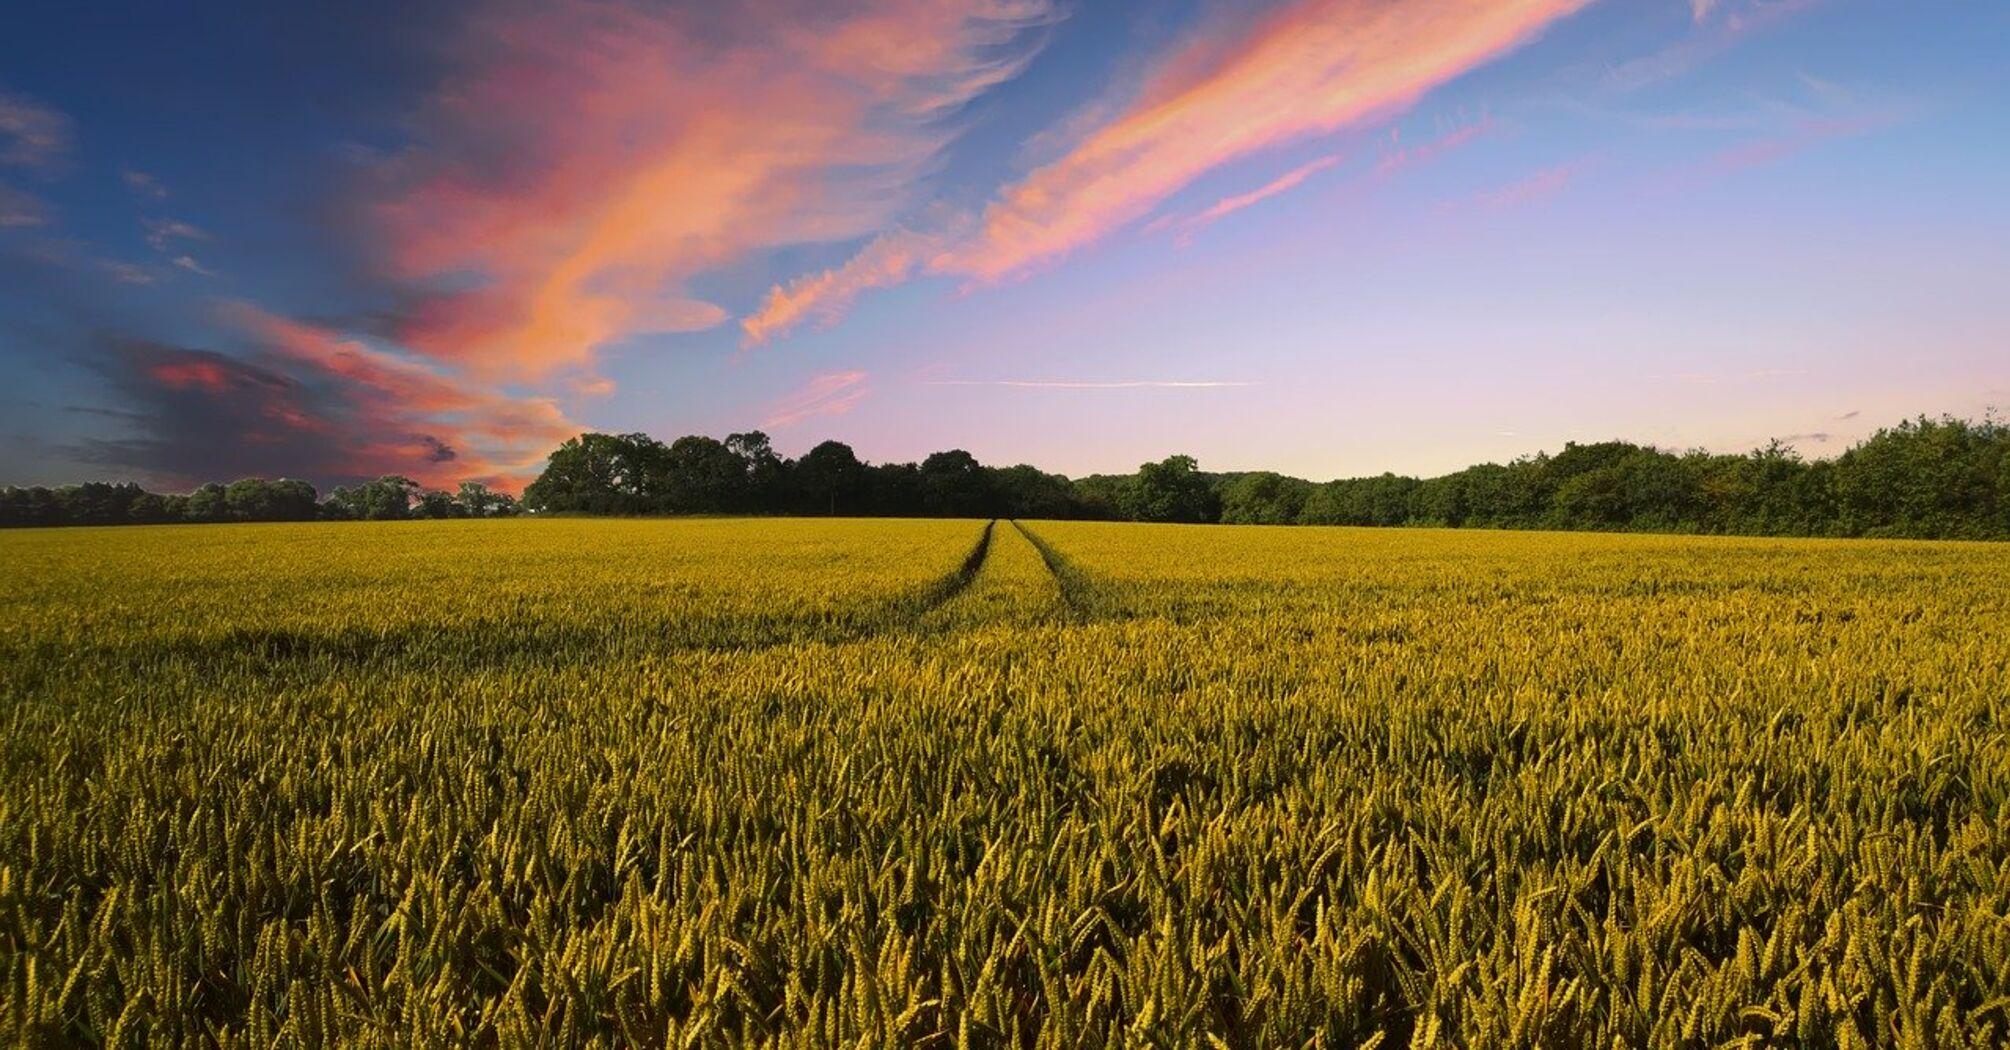 Украина получит $200 млн на земельную реформу